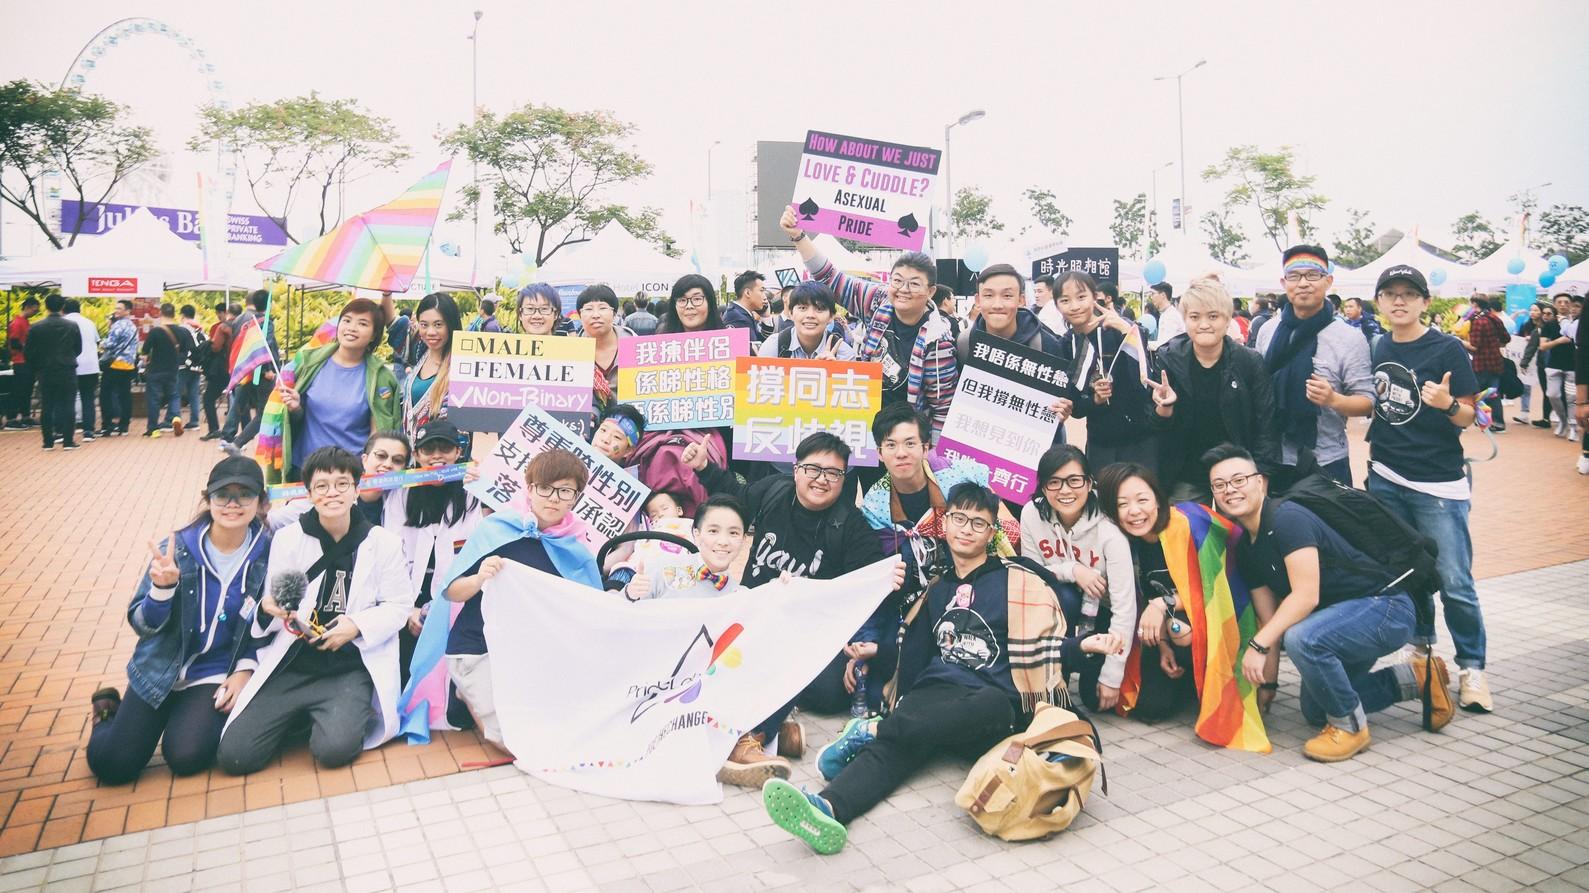 PrideLab 錄像影片製作系列